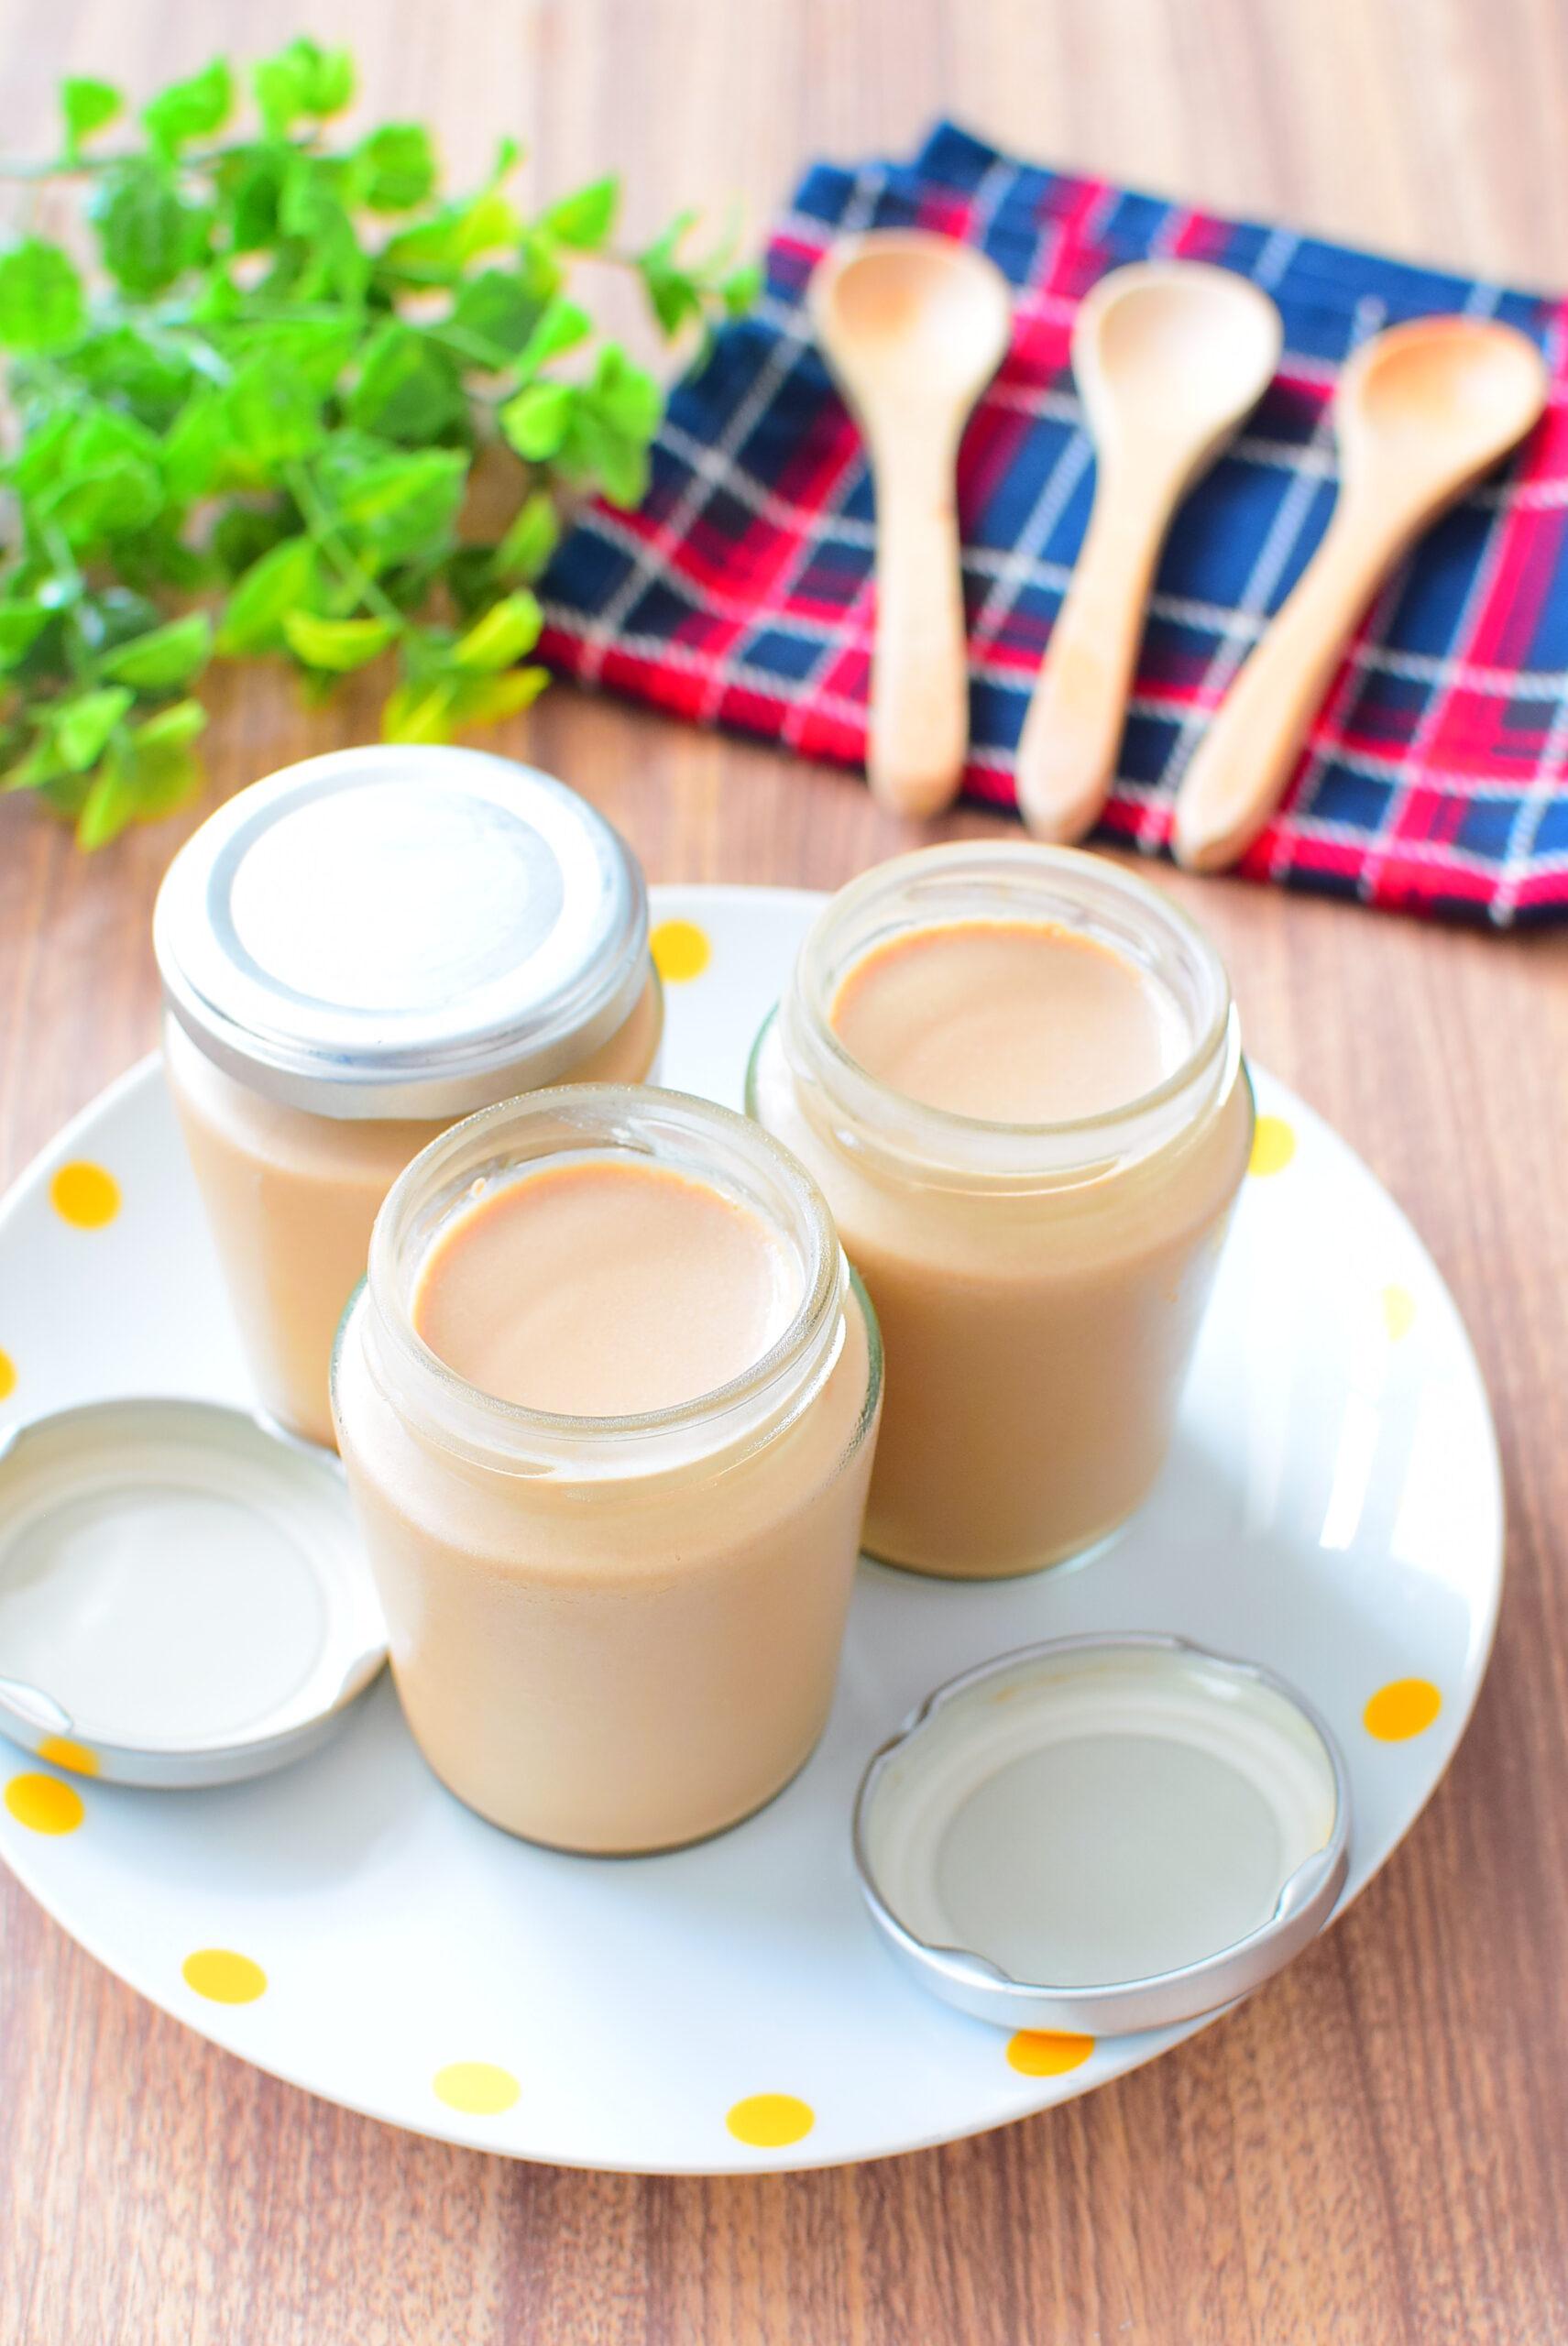 【ゼラチンで簡単】黒糖ミルクプリンのレシピの写真